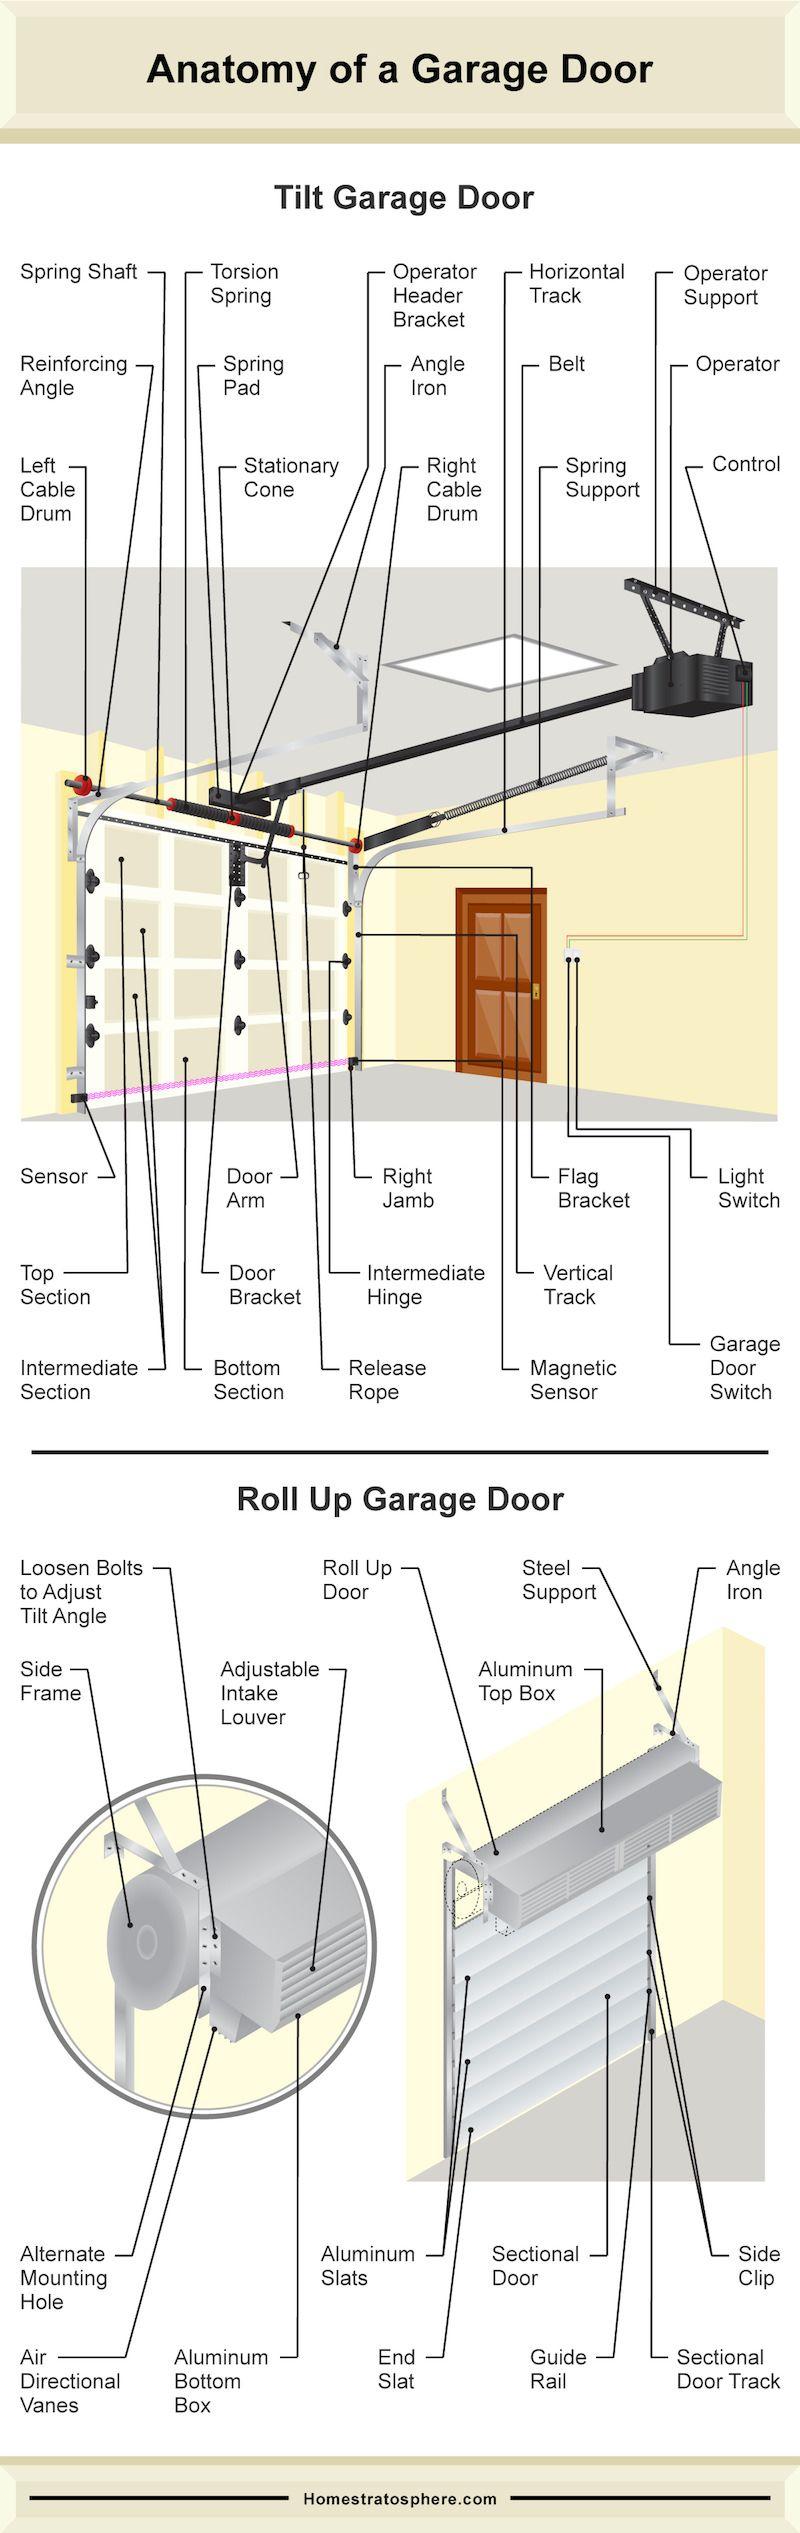 Parts Of Garage Door Image collections - door design for home